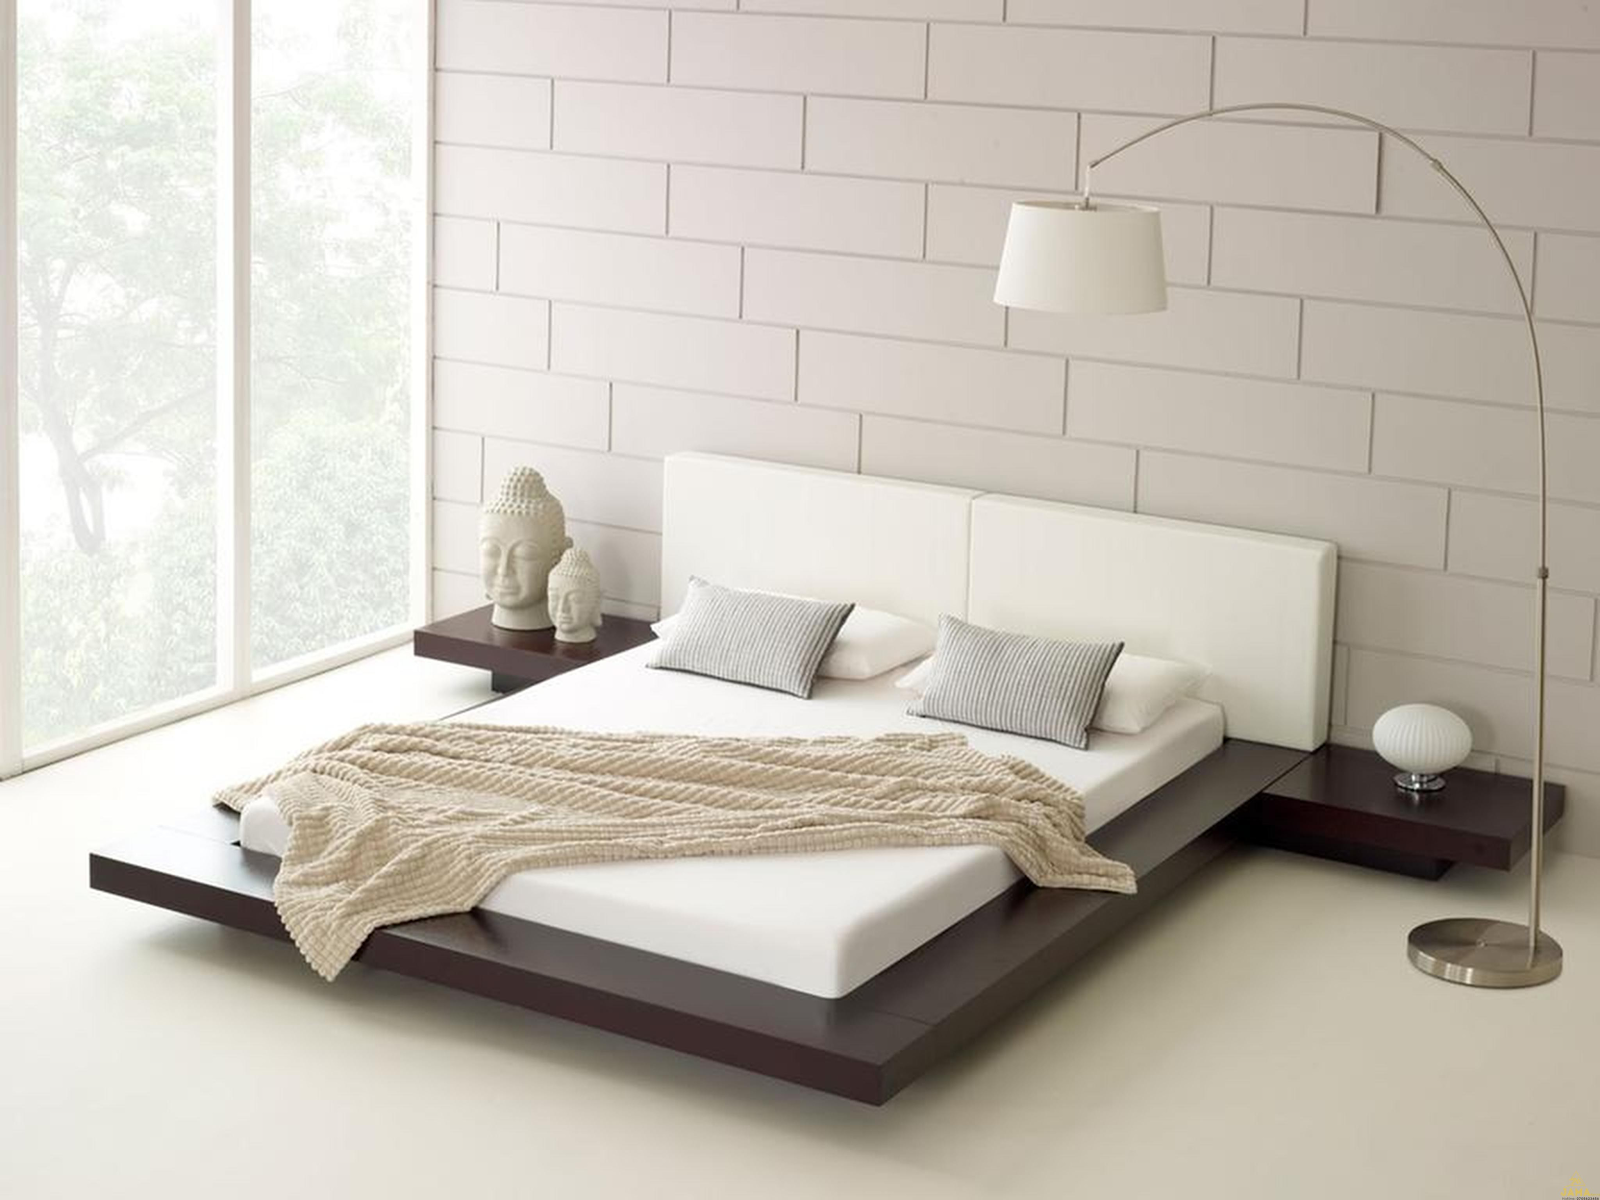 Giường ngủ gỗ kiểu Nhật